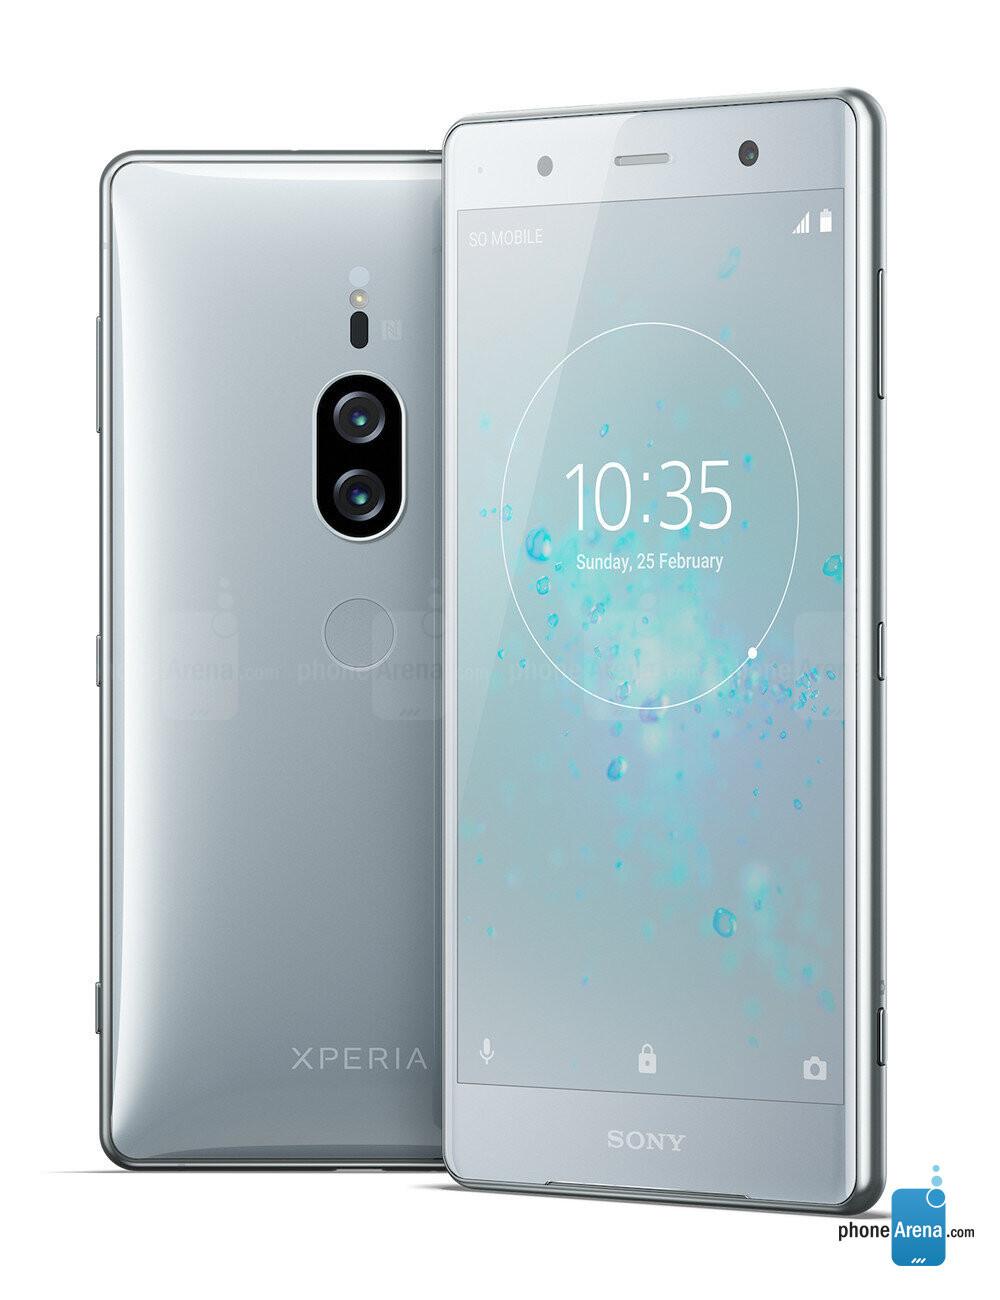 Sony Xperia XZ2 Premium specs